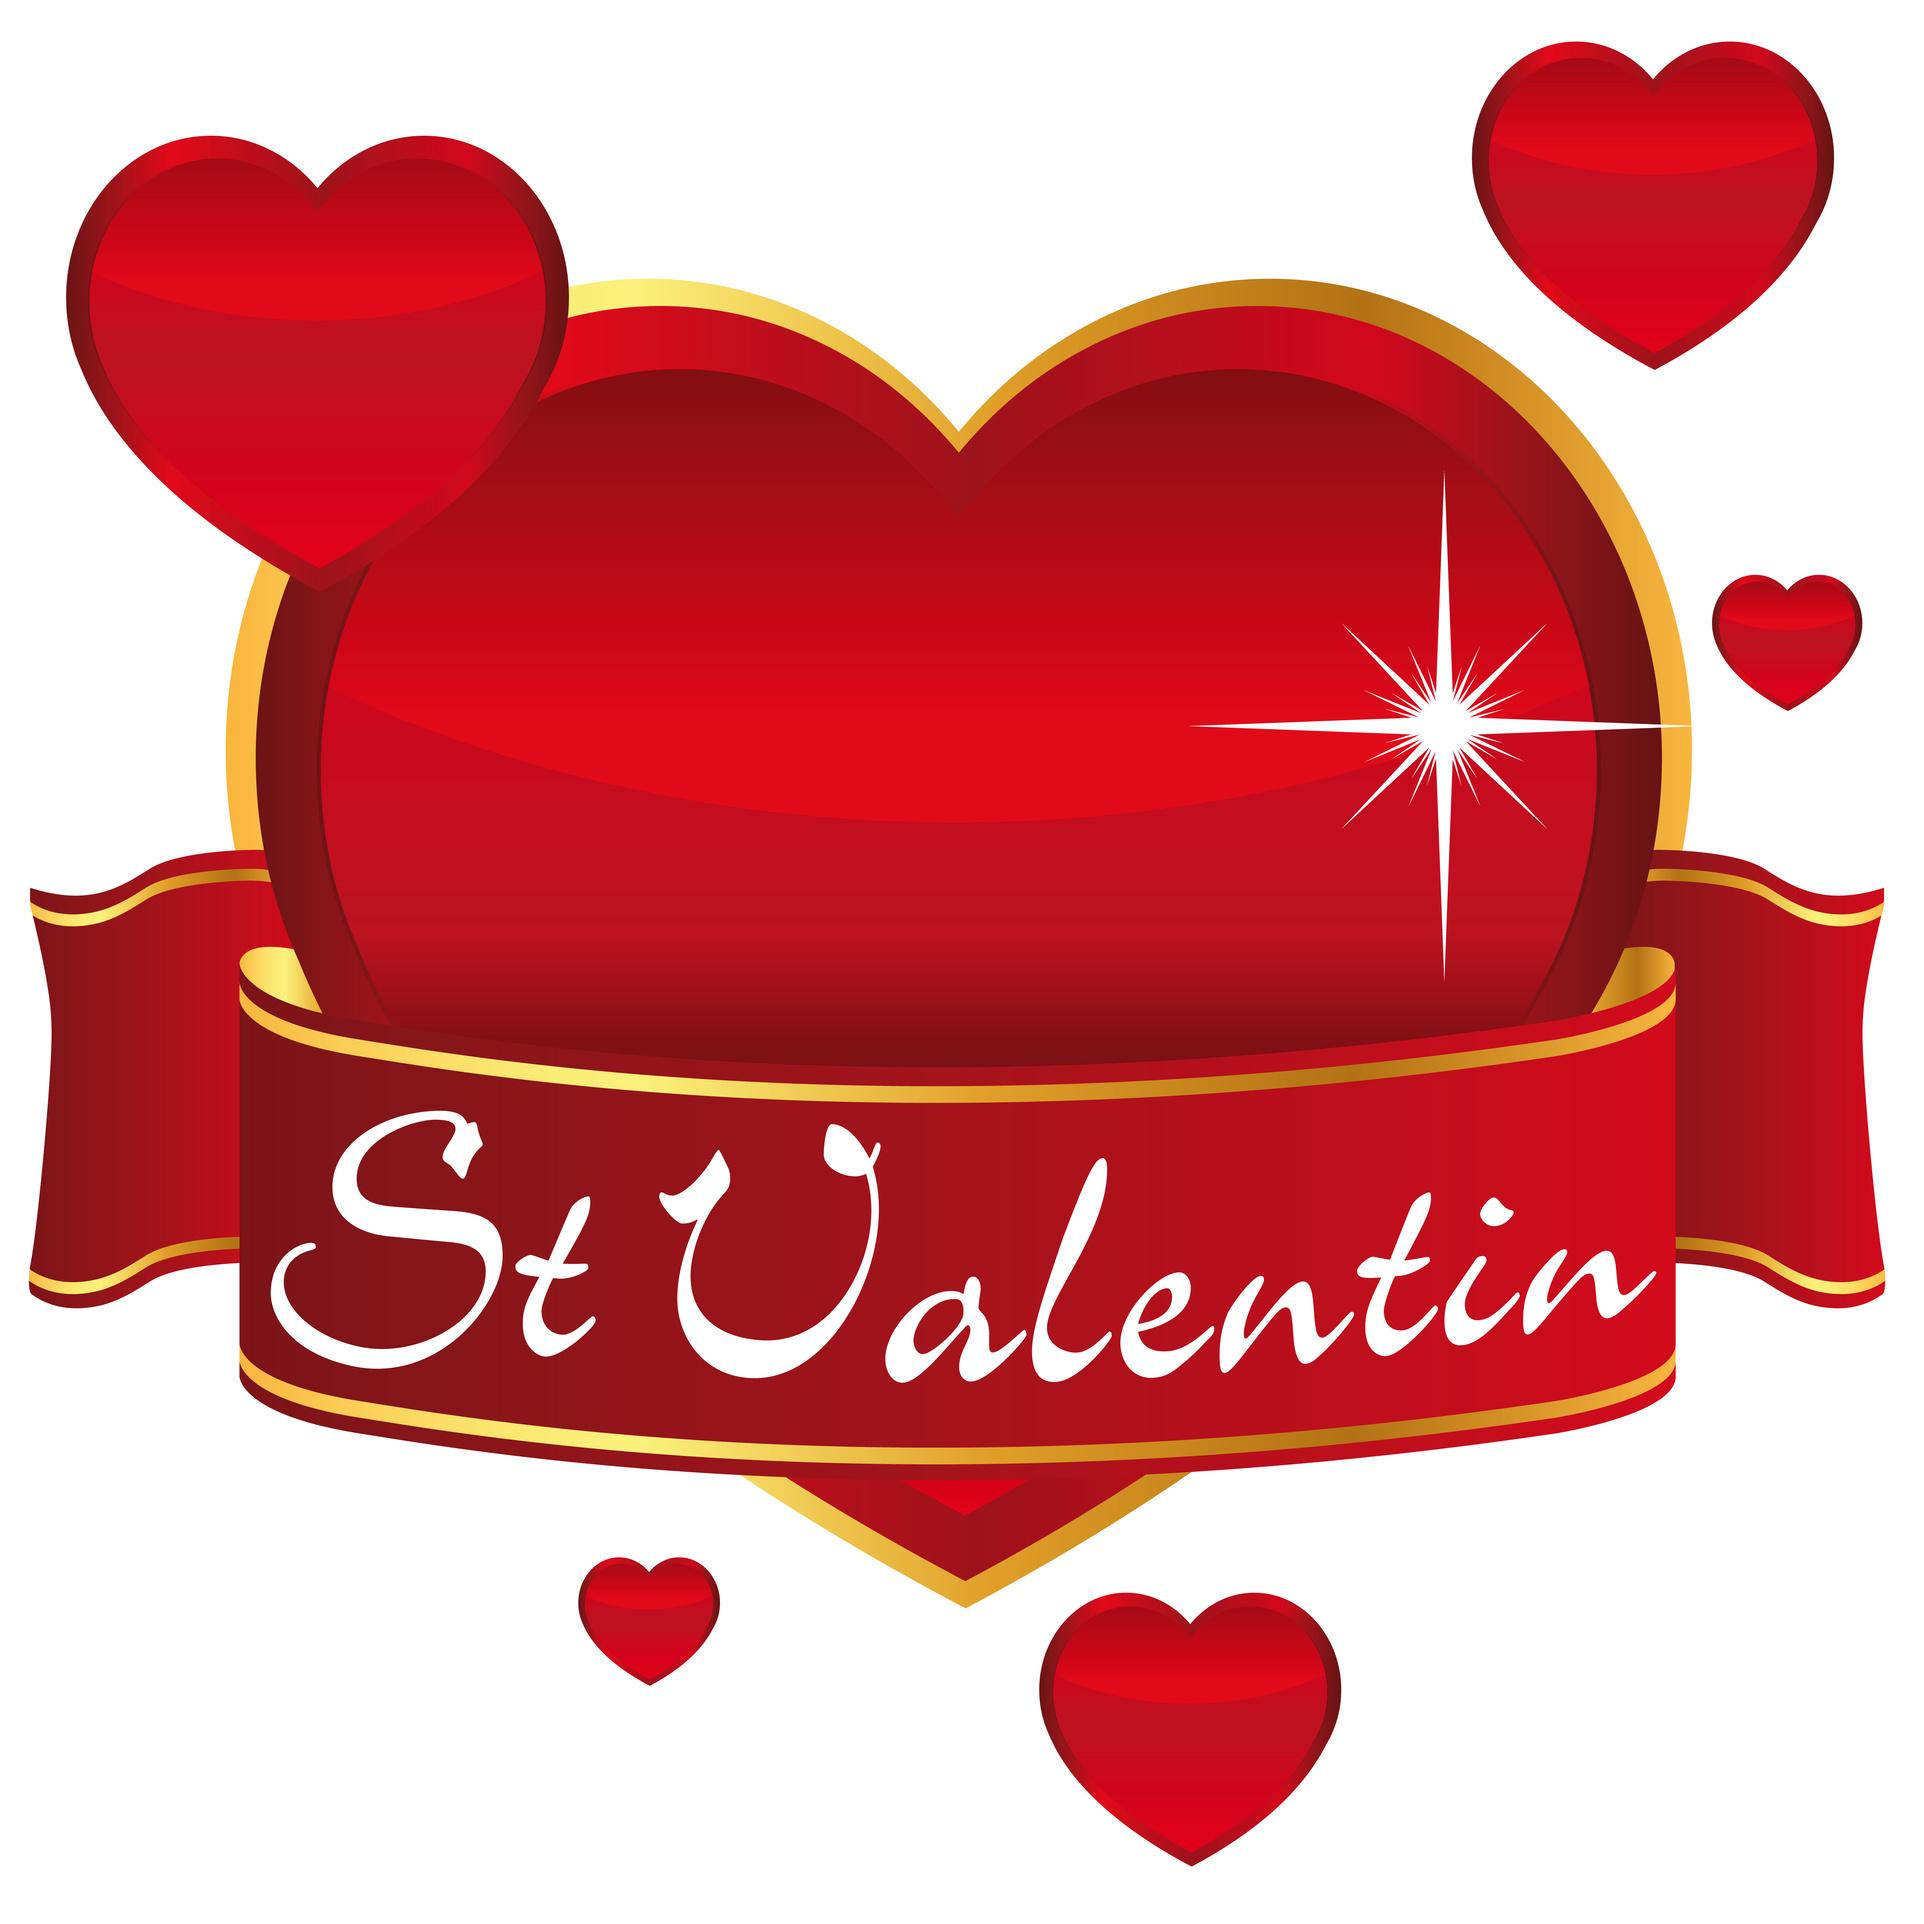 Svcgd50 | St Valentin Clipart Gratuit Dragon Big Pictures intérieur Dessin Pour La Saint Valentin